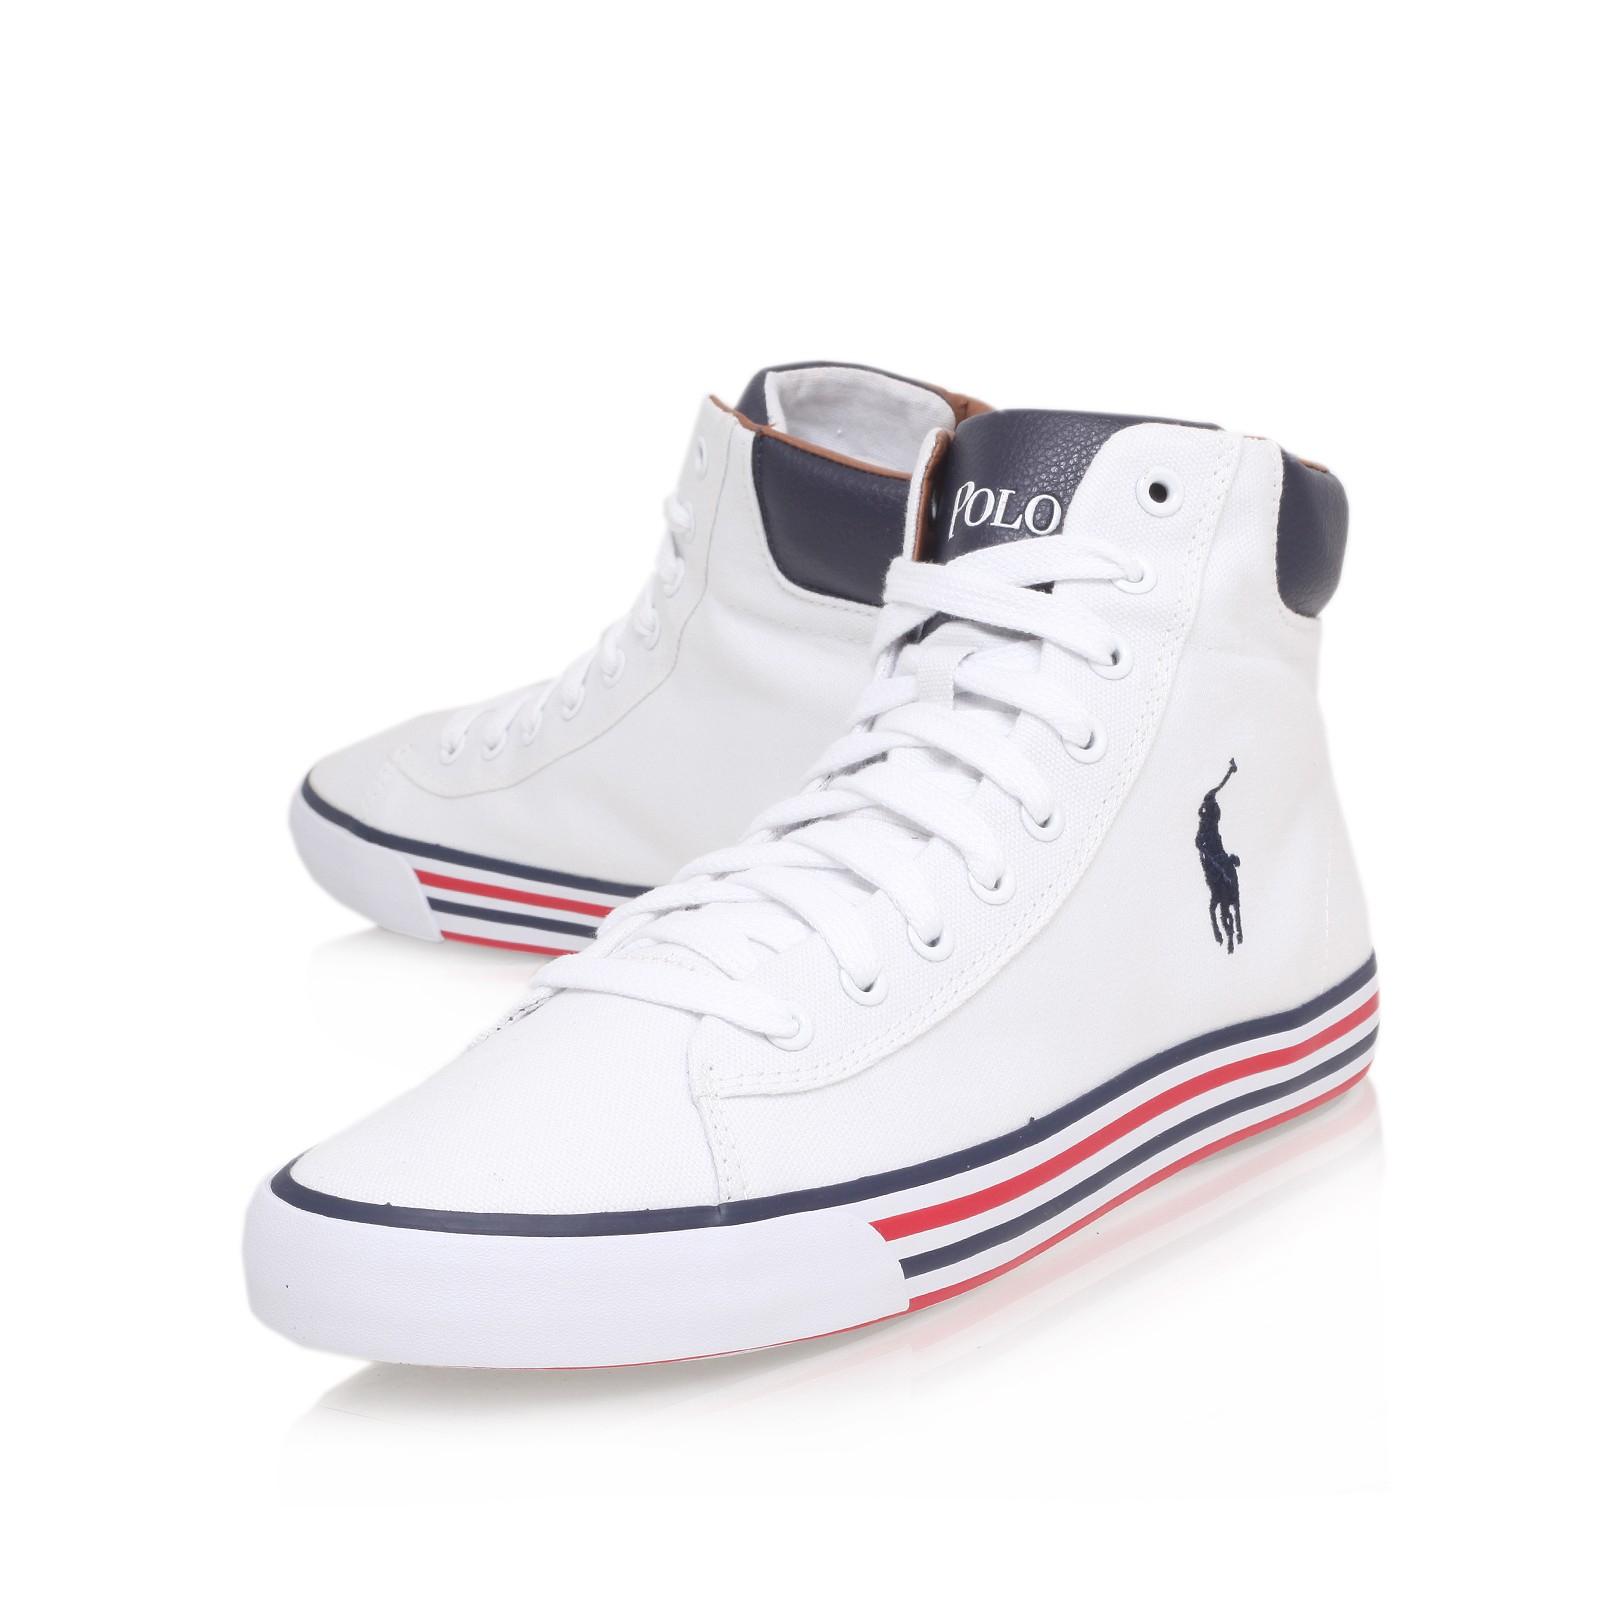 2b3c2c34070372 Polo Ralph Lauren Harvey Mid Sneaker in White for Men - Lyst